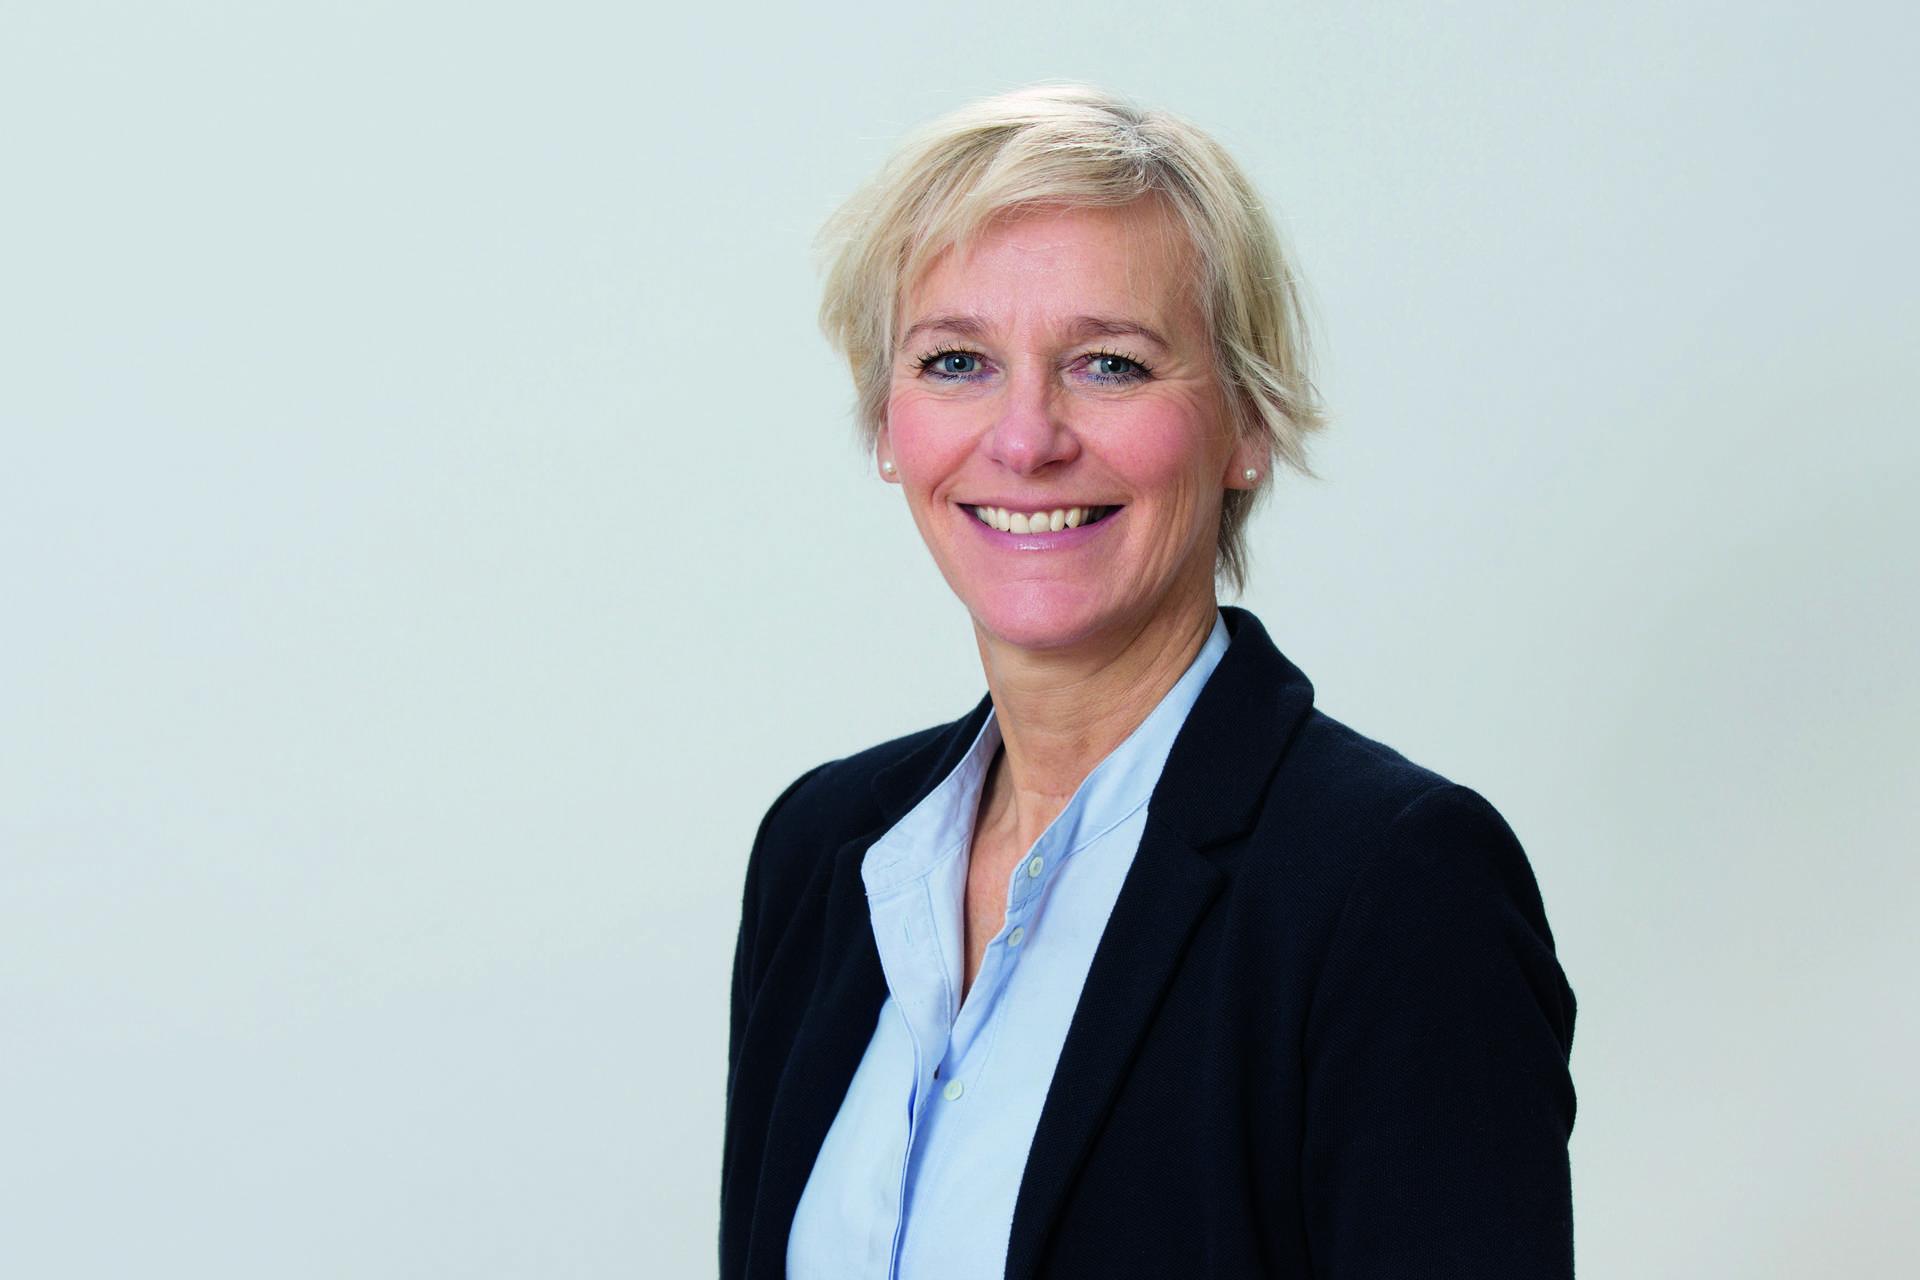 Katrin Kell leitet den Fachbereich Pflege und Senioren im Diakonischen Werk Hamburg